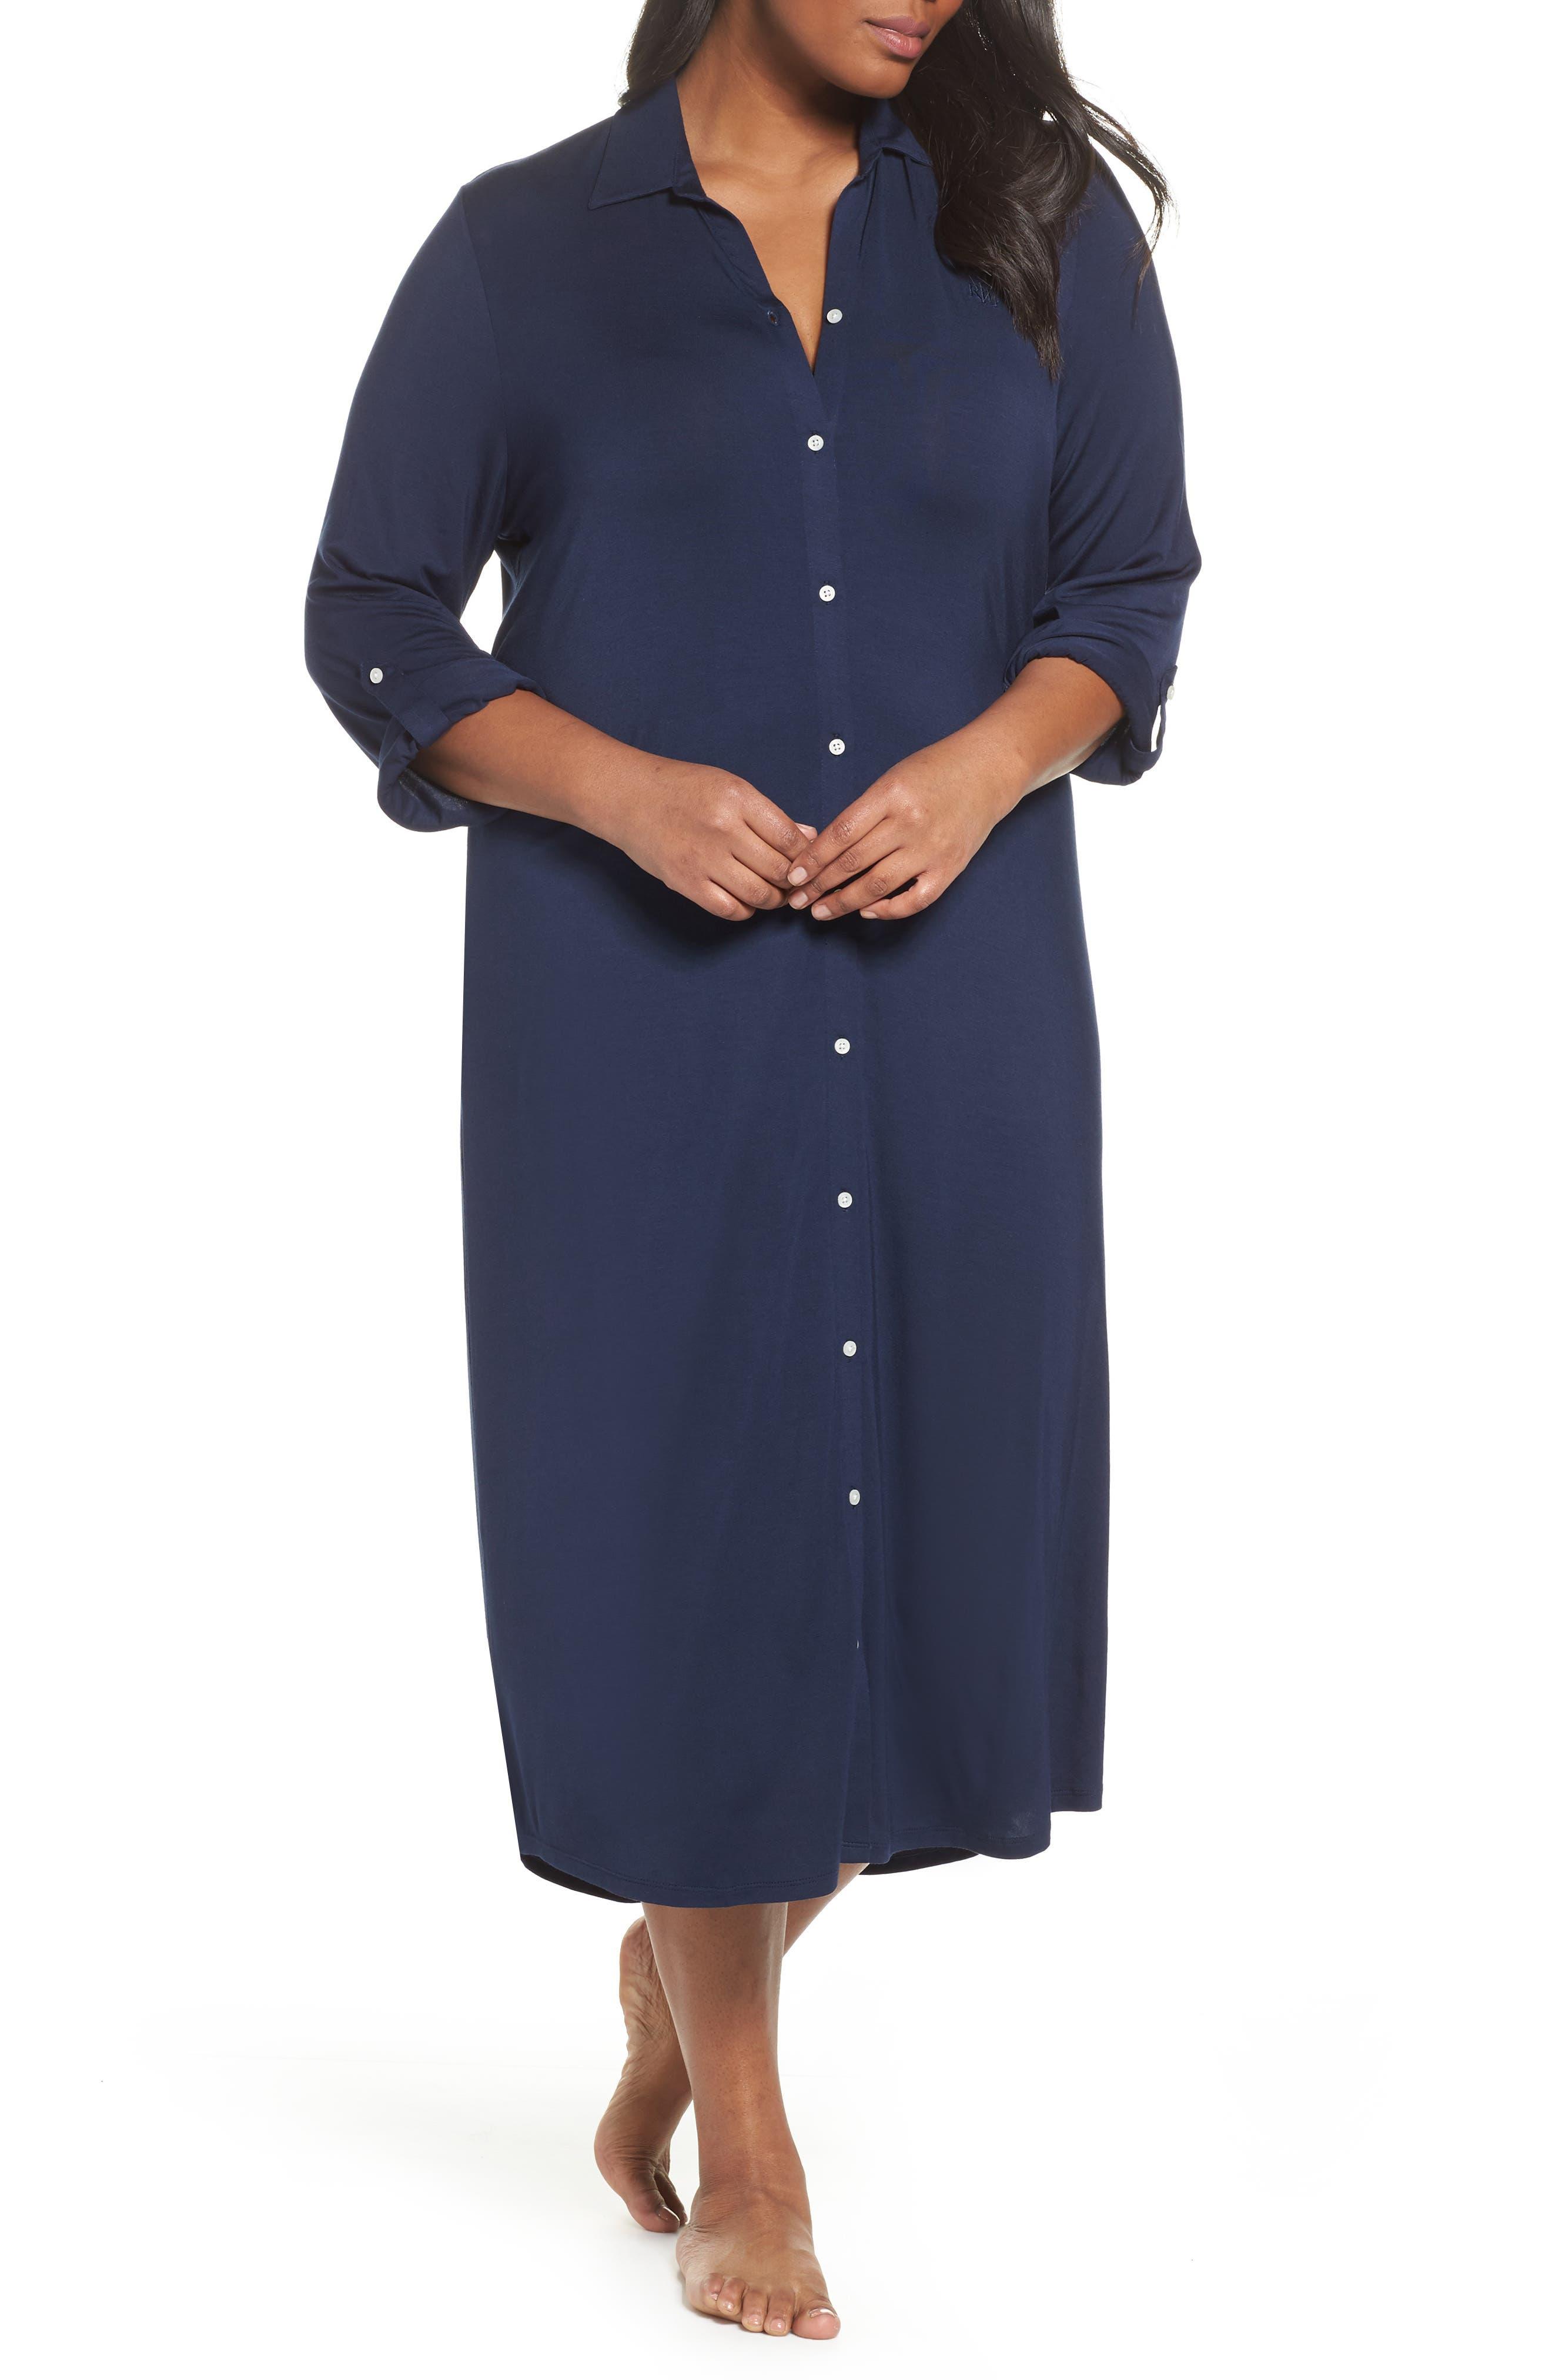 Alternate Image 1 Selected - Lauren Ralph Lauren Long Nightshirt (Plus Size)